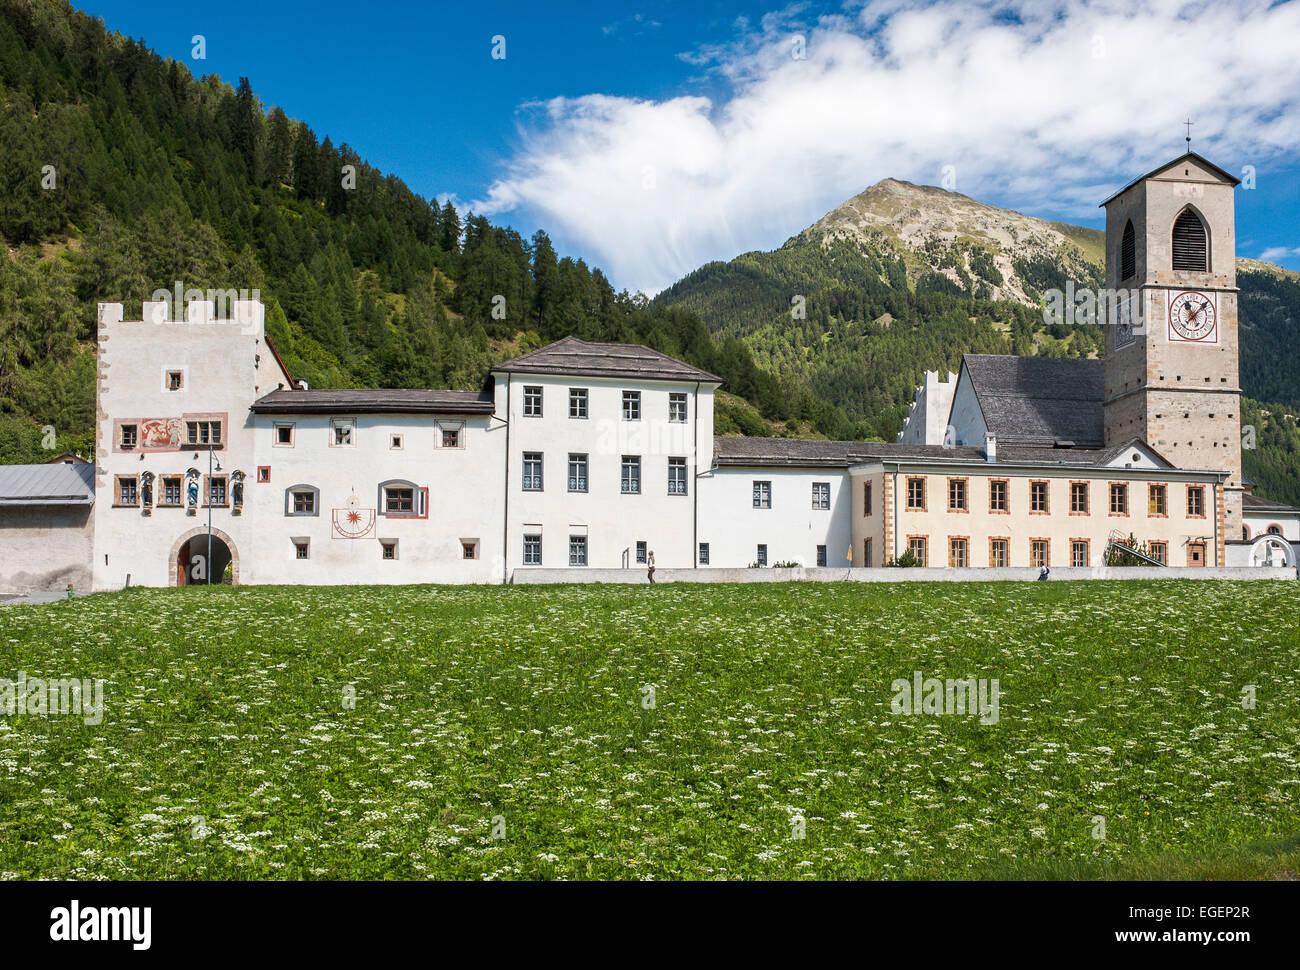 Abbaye bénédictine de Saint Jean, 8e siècle, UNESCO World Heritage Site, Müstair, Grisons, Suisse Photo Stock